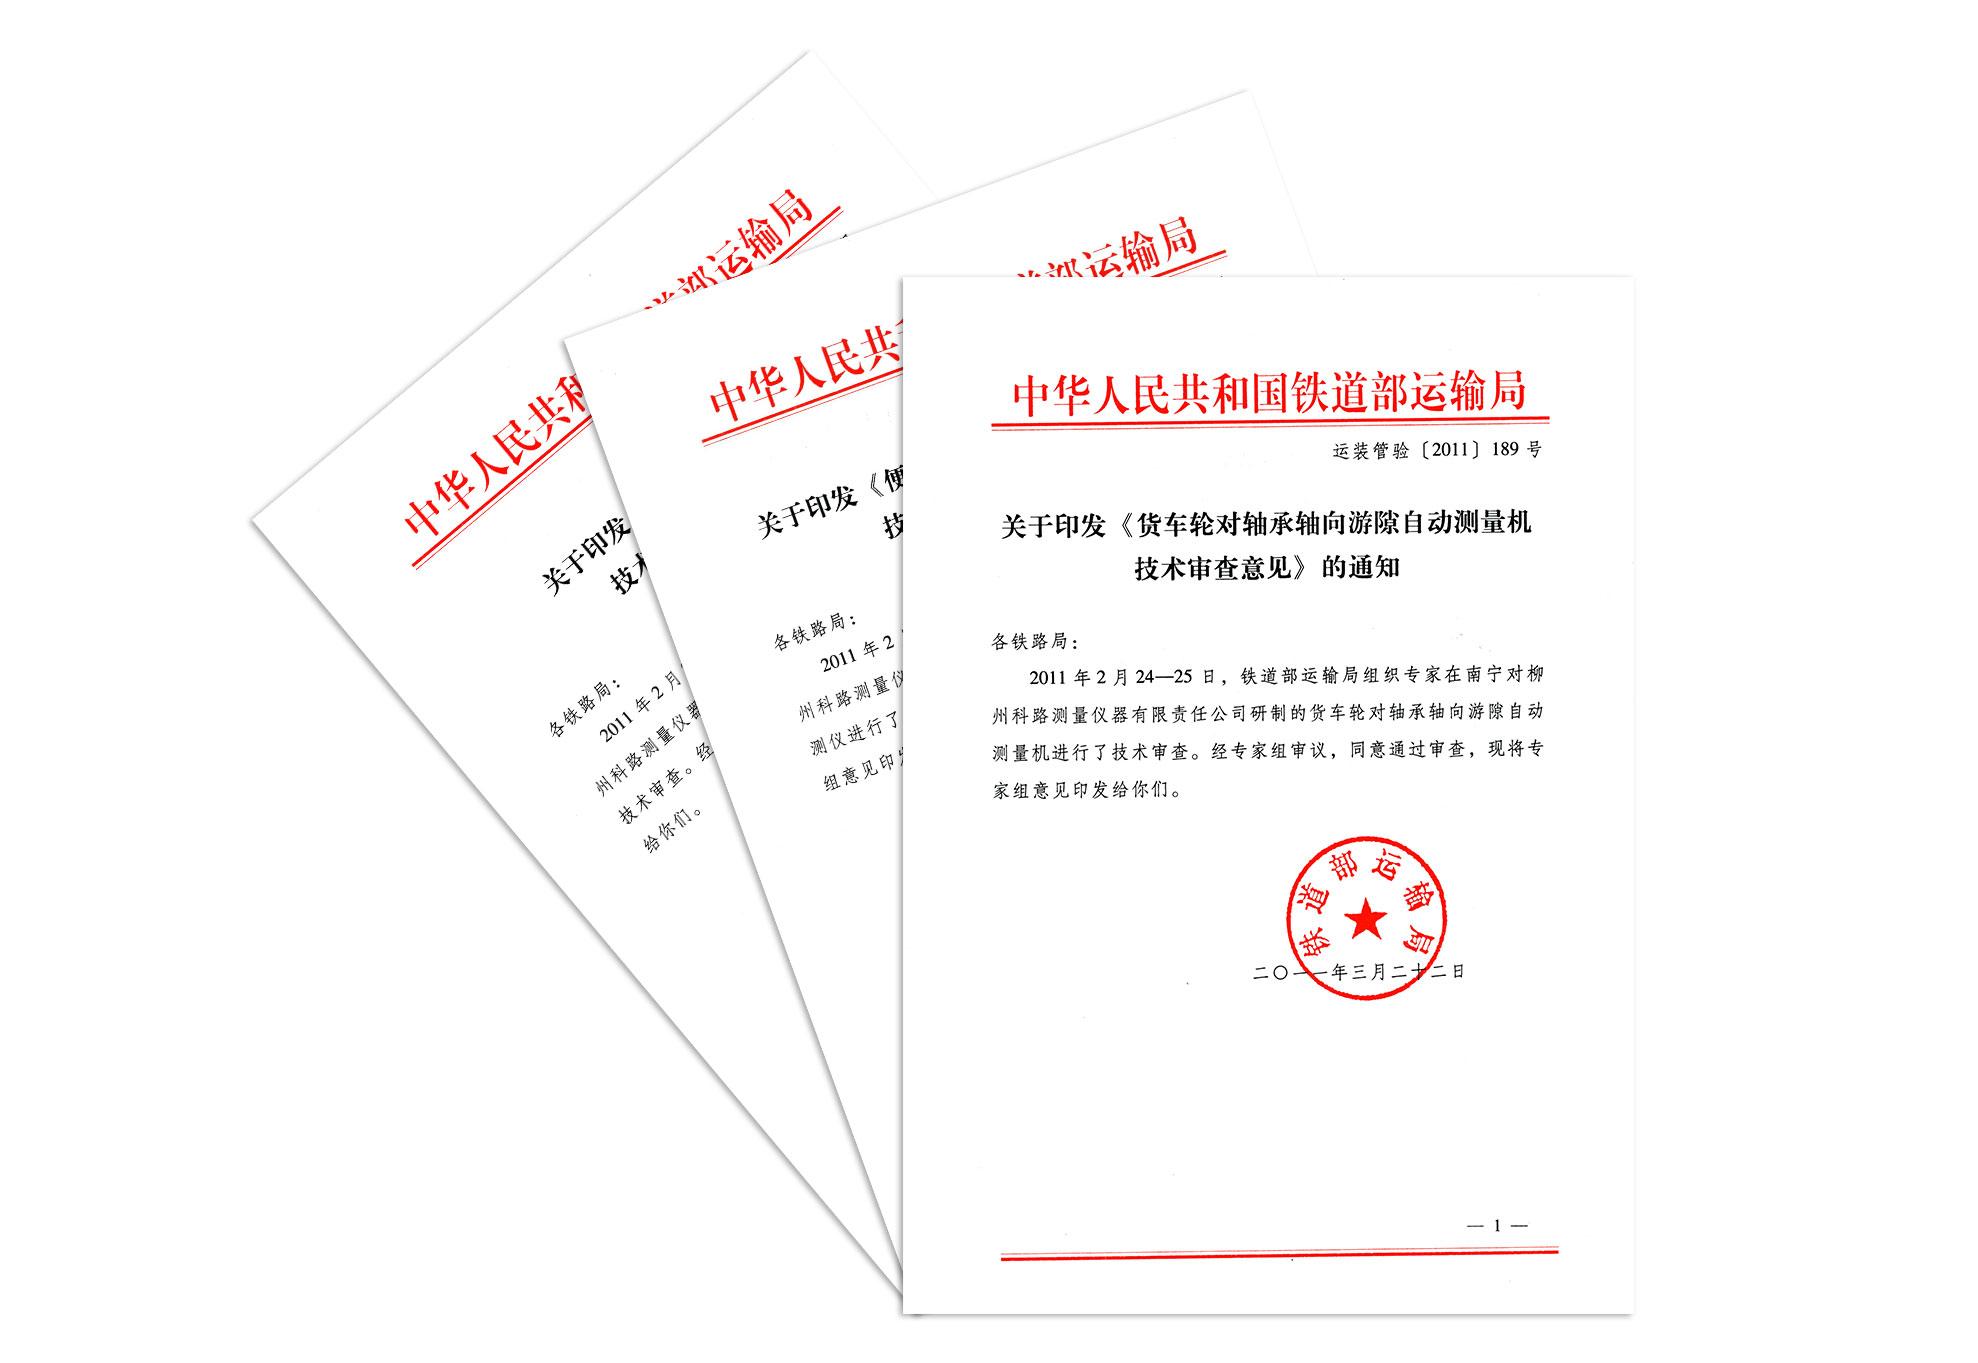 铁道部运输局技术审查文件